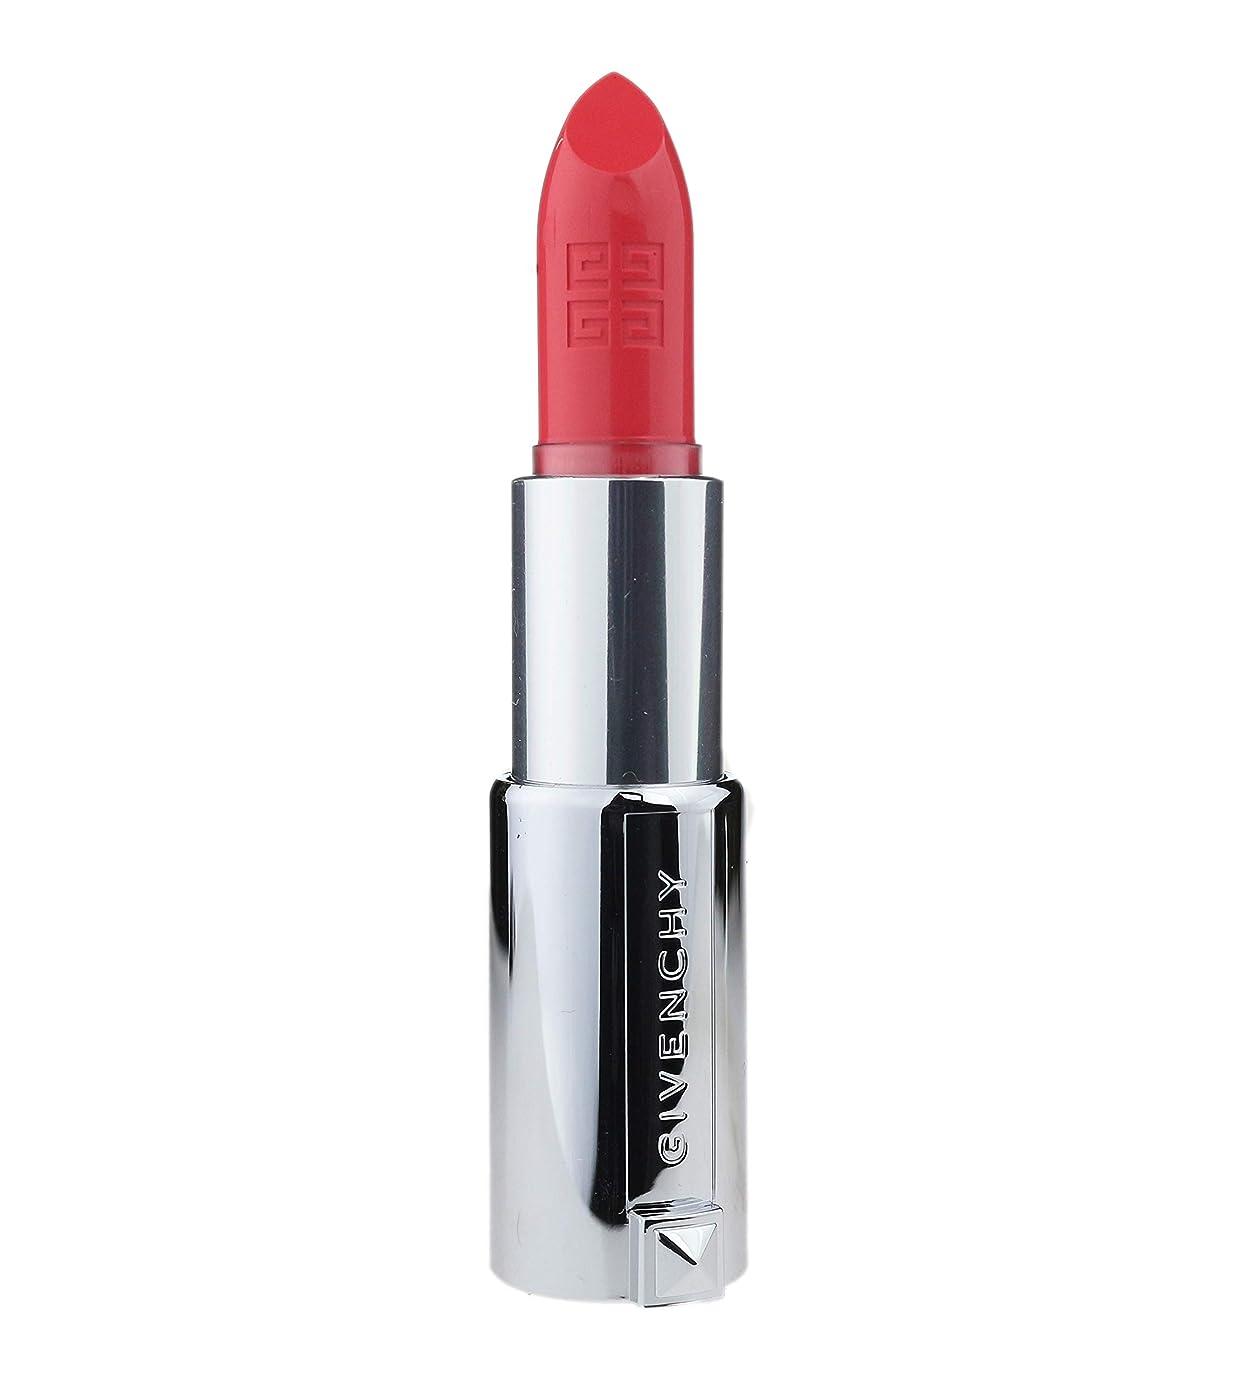 嫉妬ランドマーク夜明けにジバンシィ Le Rouge Intense Color Sensuously Mat Lipstick - # 324 Corail Backstage (Genuine Leather Case) 3.4g/0.12oz並行輸入品